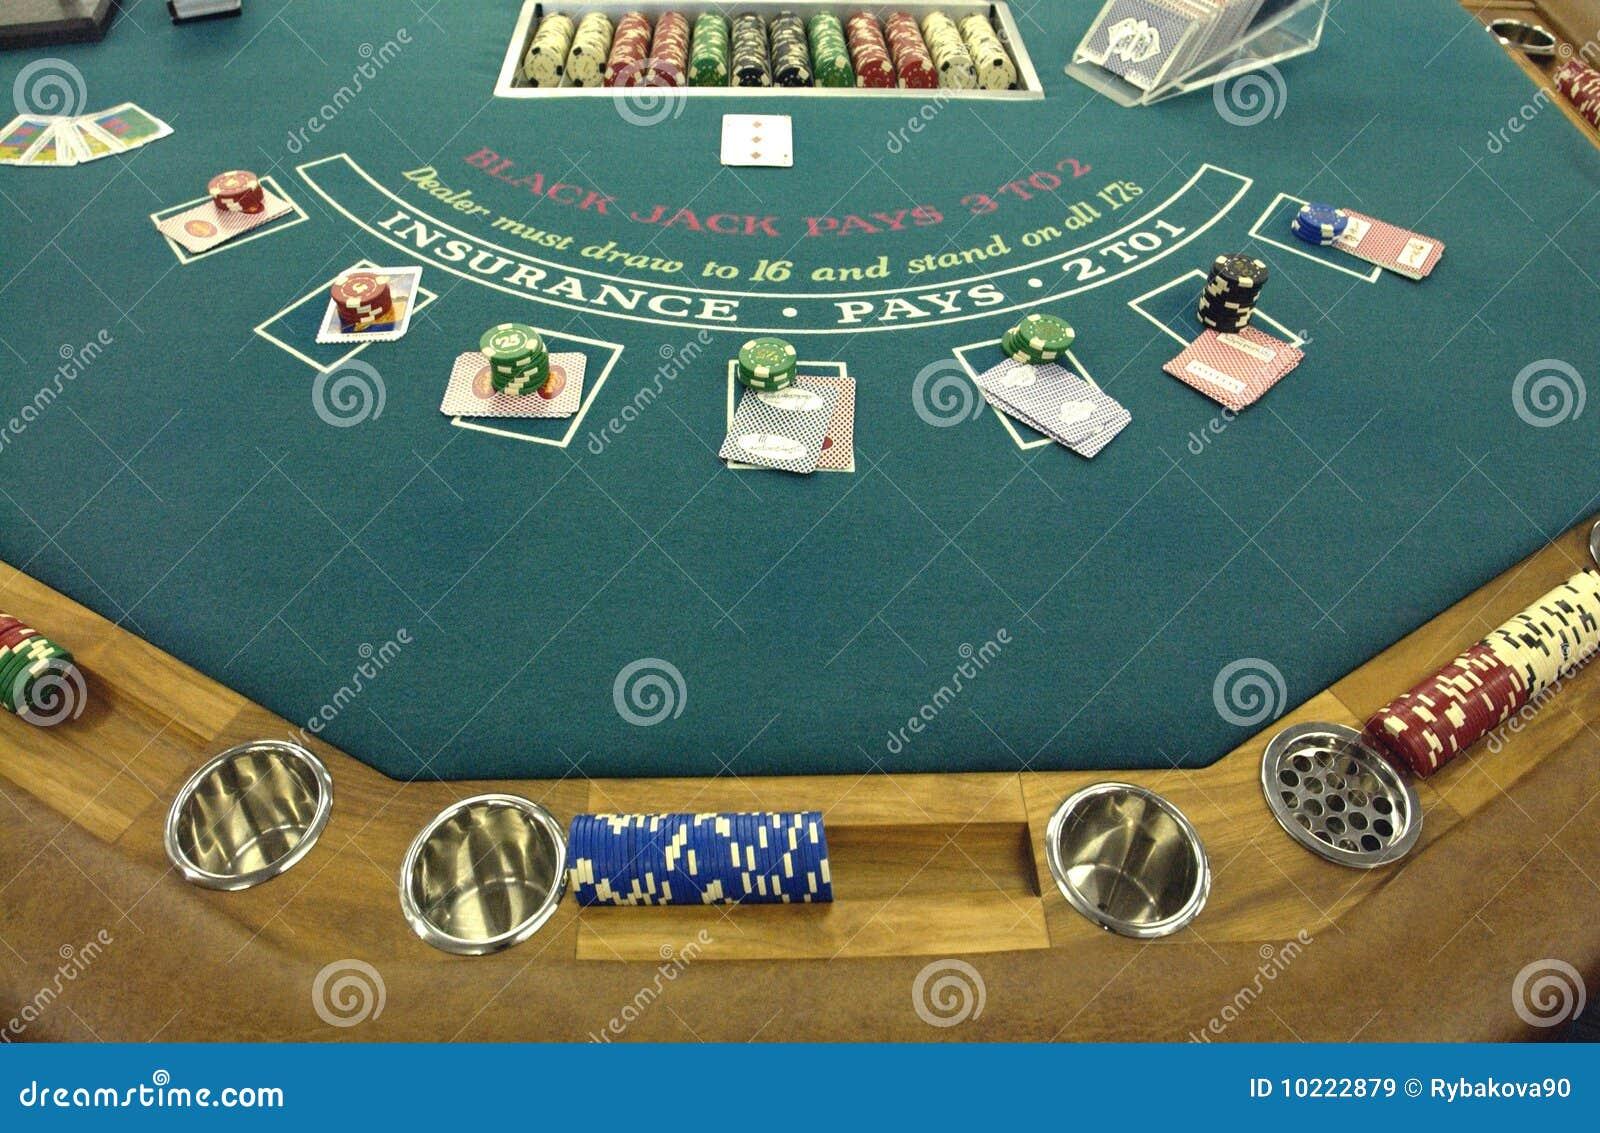 Blackjack investment